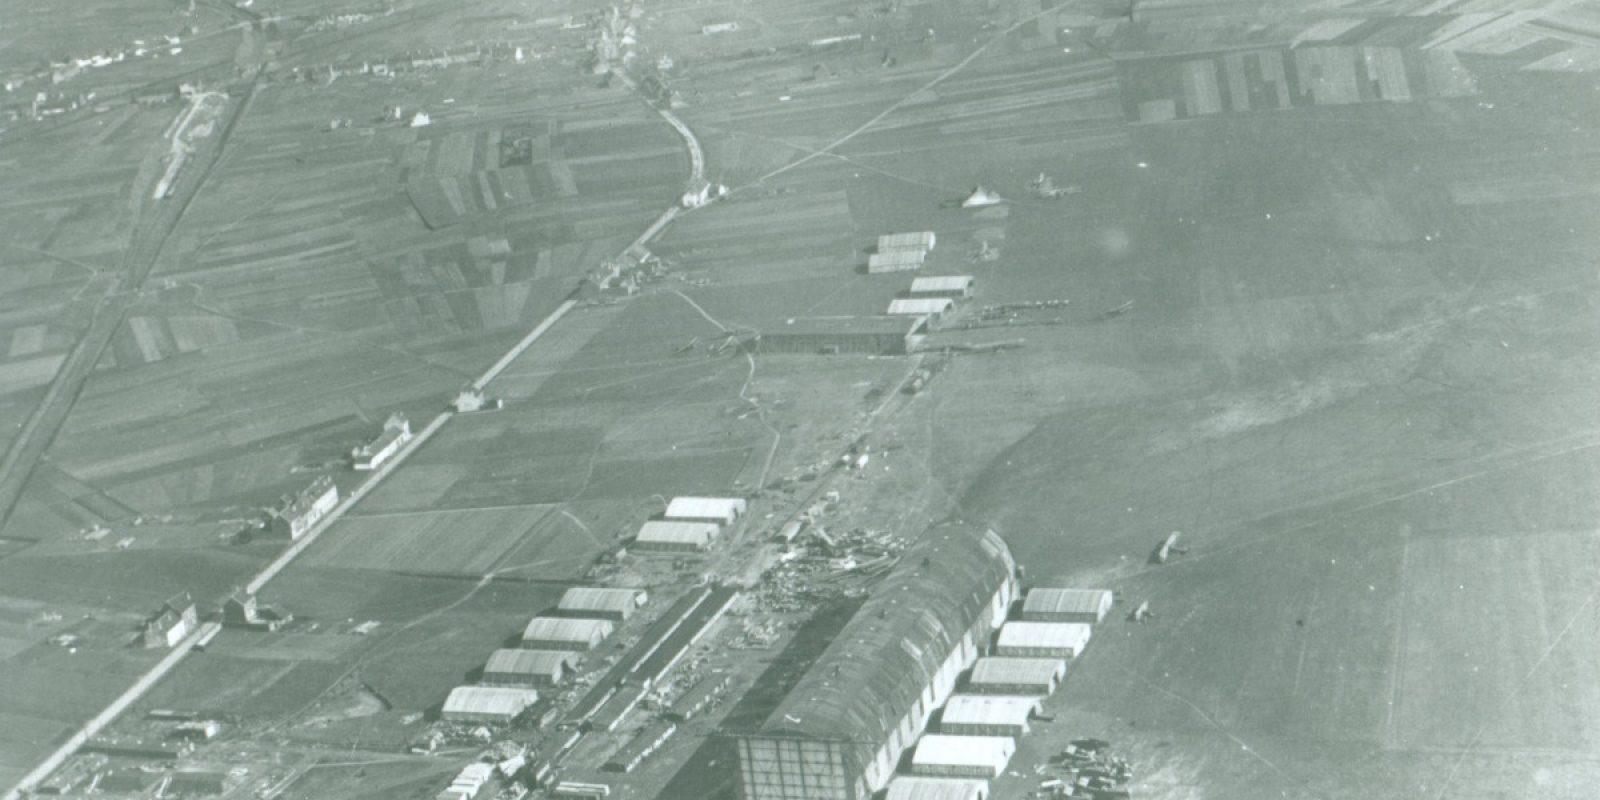 Luchtfoto van Haren-Evere, op 18 maart 1919 genomen door het duo piloot luitenant Jean Van Cotthem en waarnemer luitenant Jean Stampe. Links de Haachtsesteenweg. Merk de zeppelinloods en de houten vliegtuigloods. Overal liggen resten van Duitse militaire vliegtuigen. Dit is ongeveer wat de piloten en reizigers van de eerste burgervluchten naar Brussel moeten gezien hebben tijdens hun landing op Haren-Evere. (Archief Frans Van Humbeek)